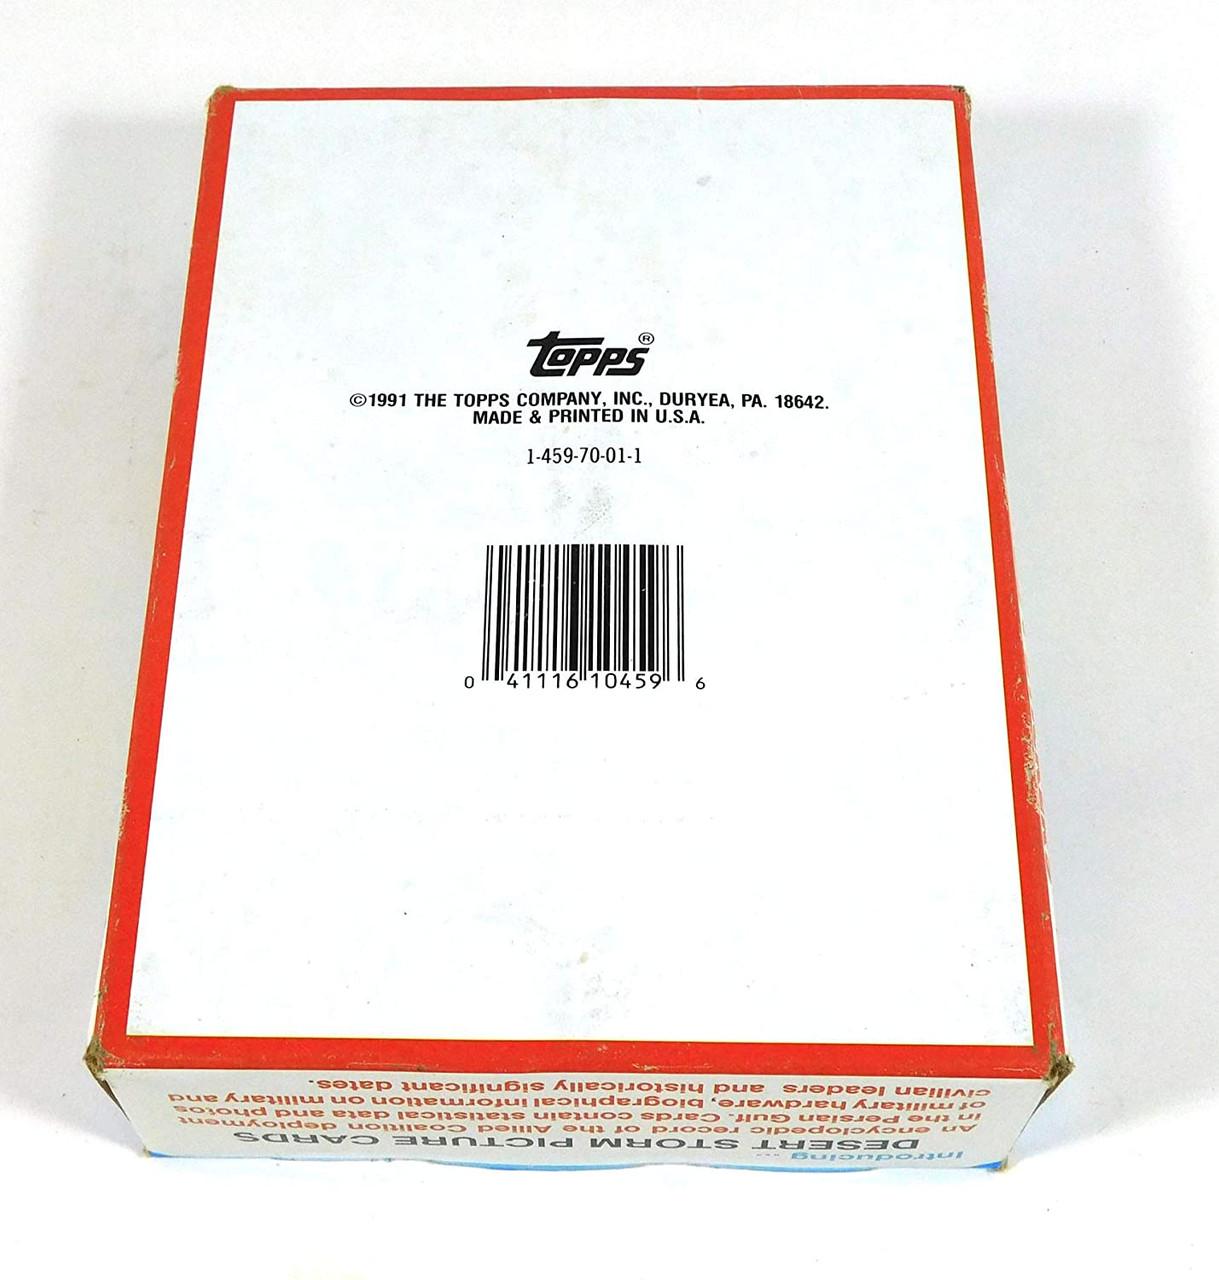 DESERT STORM Trading Cards (36 packs in box) (1991)